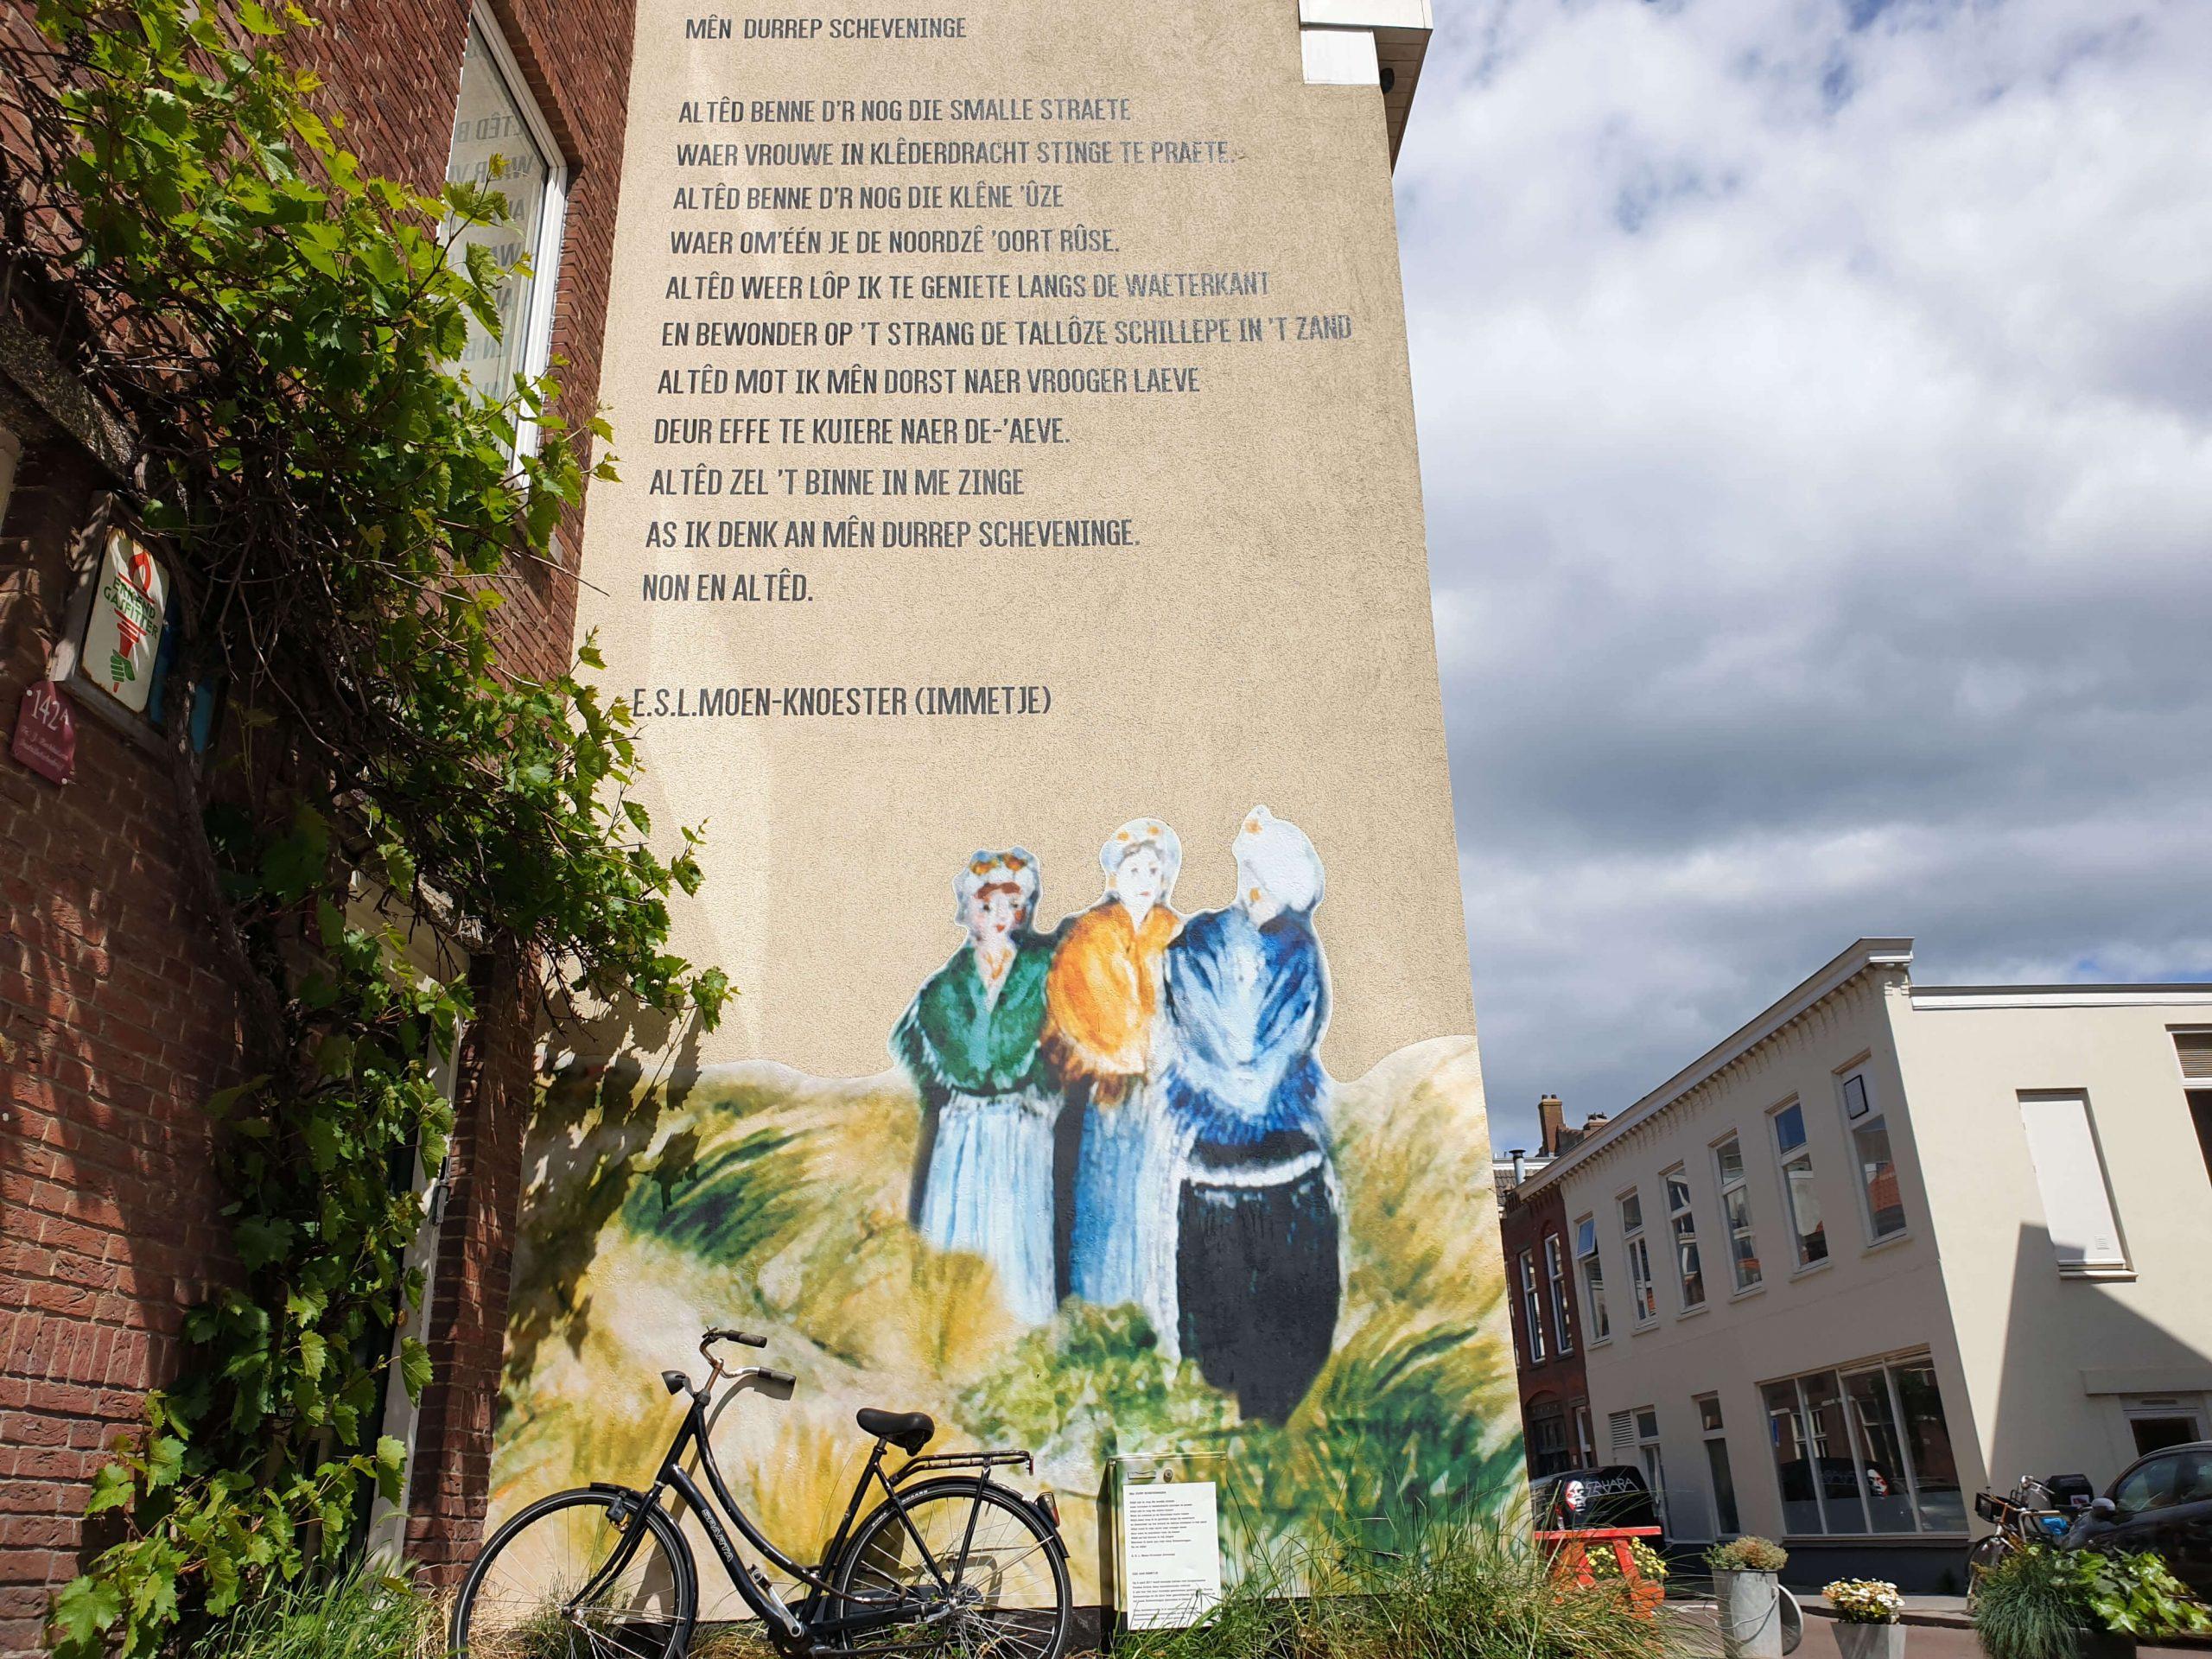 Wanddecoratie met gedicht